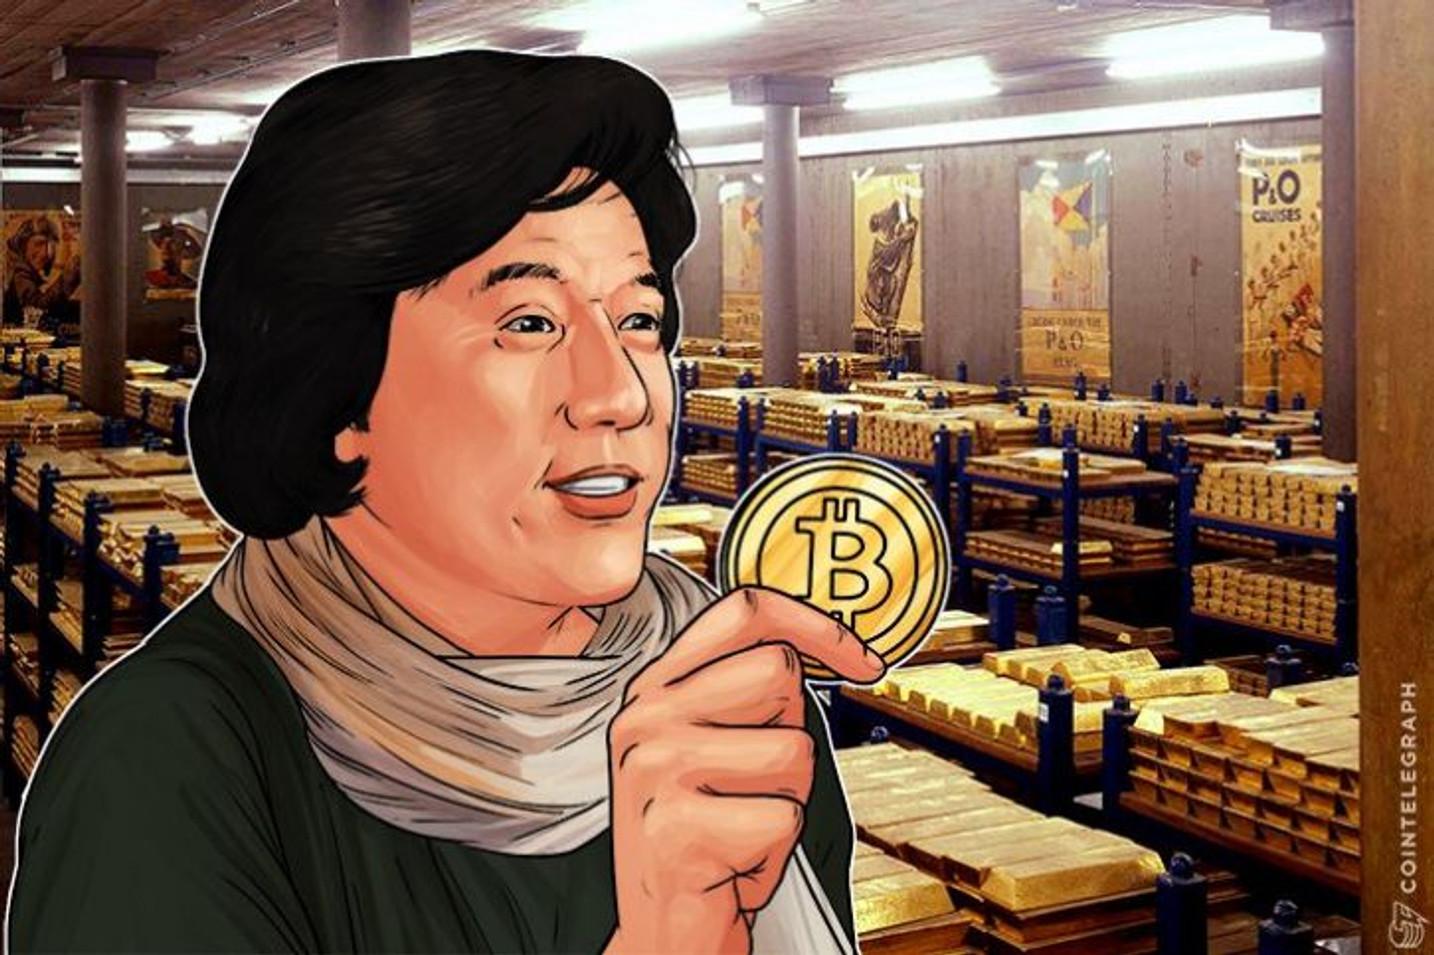 中国政府が金輸入の規制を強化―ビットコインの需要が増加